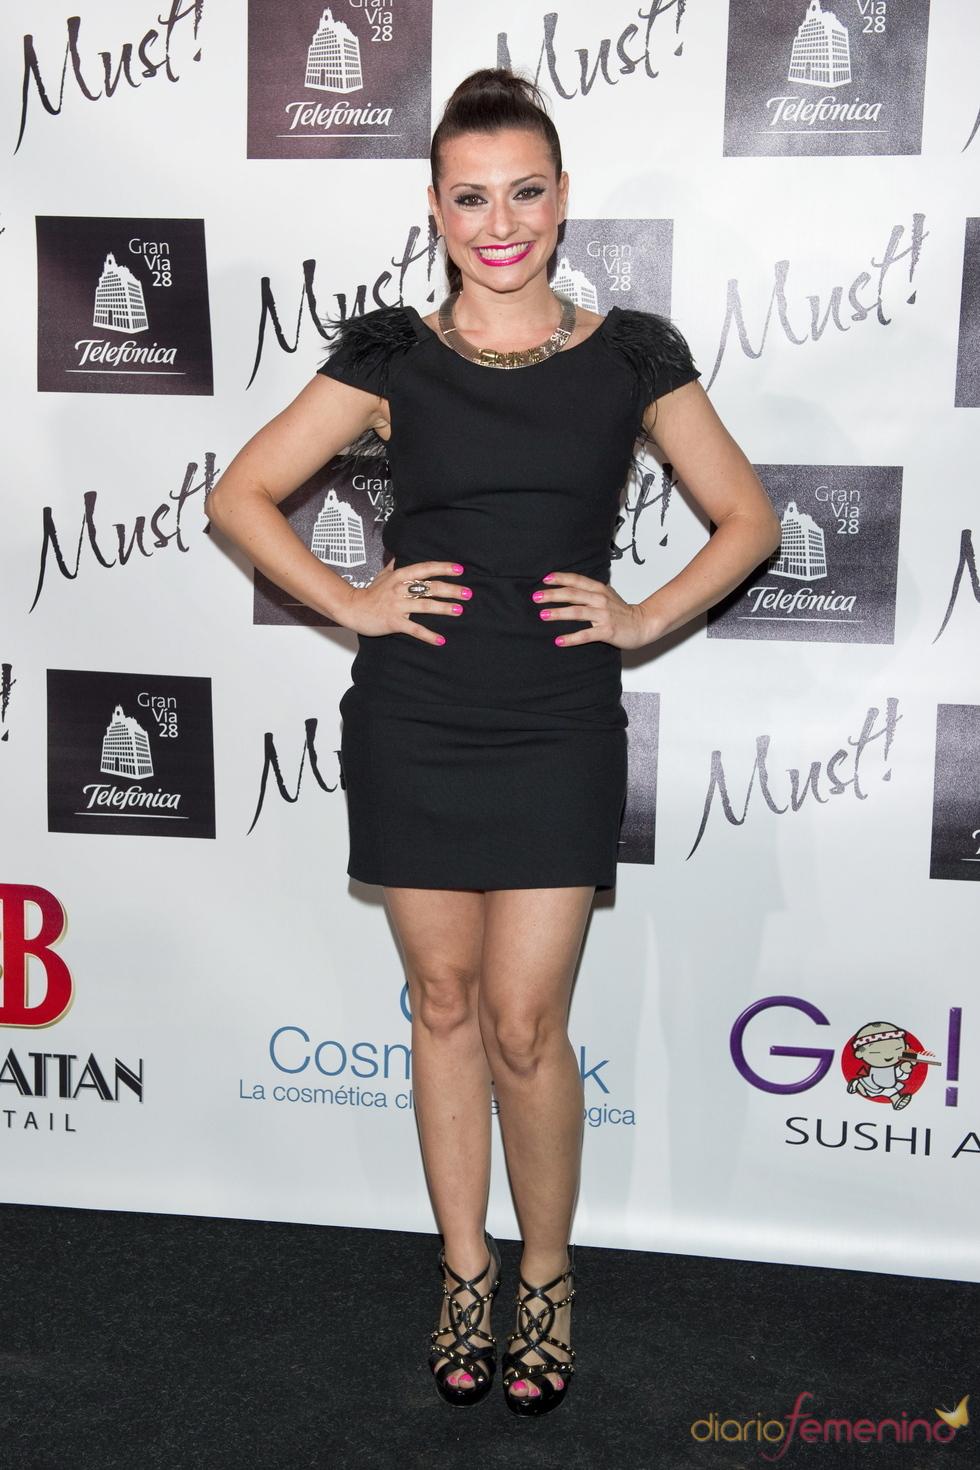 Ana del Tey en la gala  de los premios Must 2011